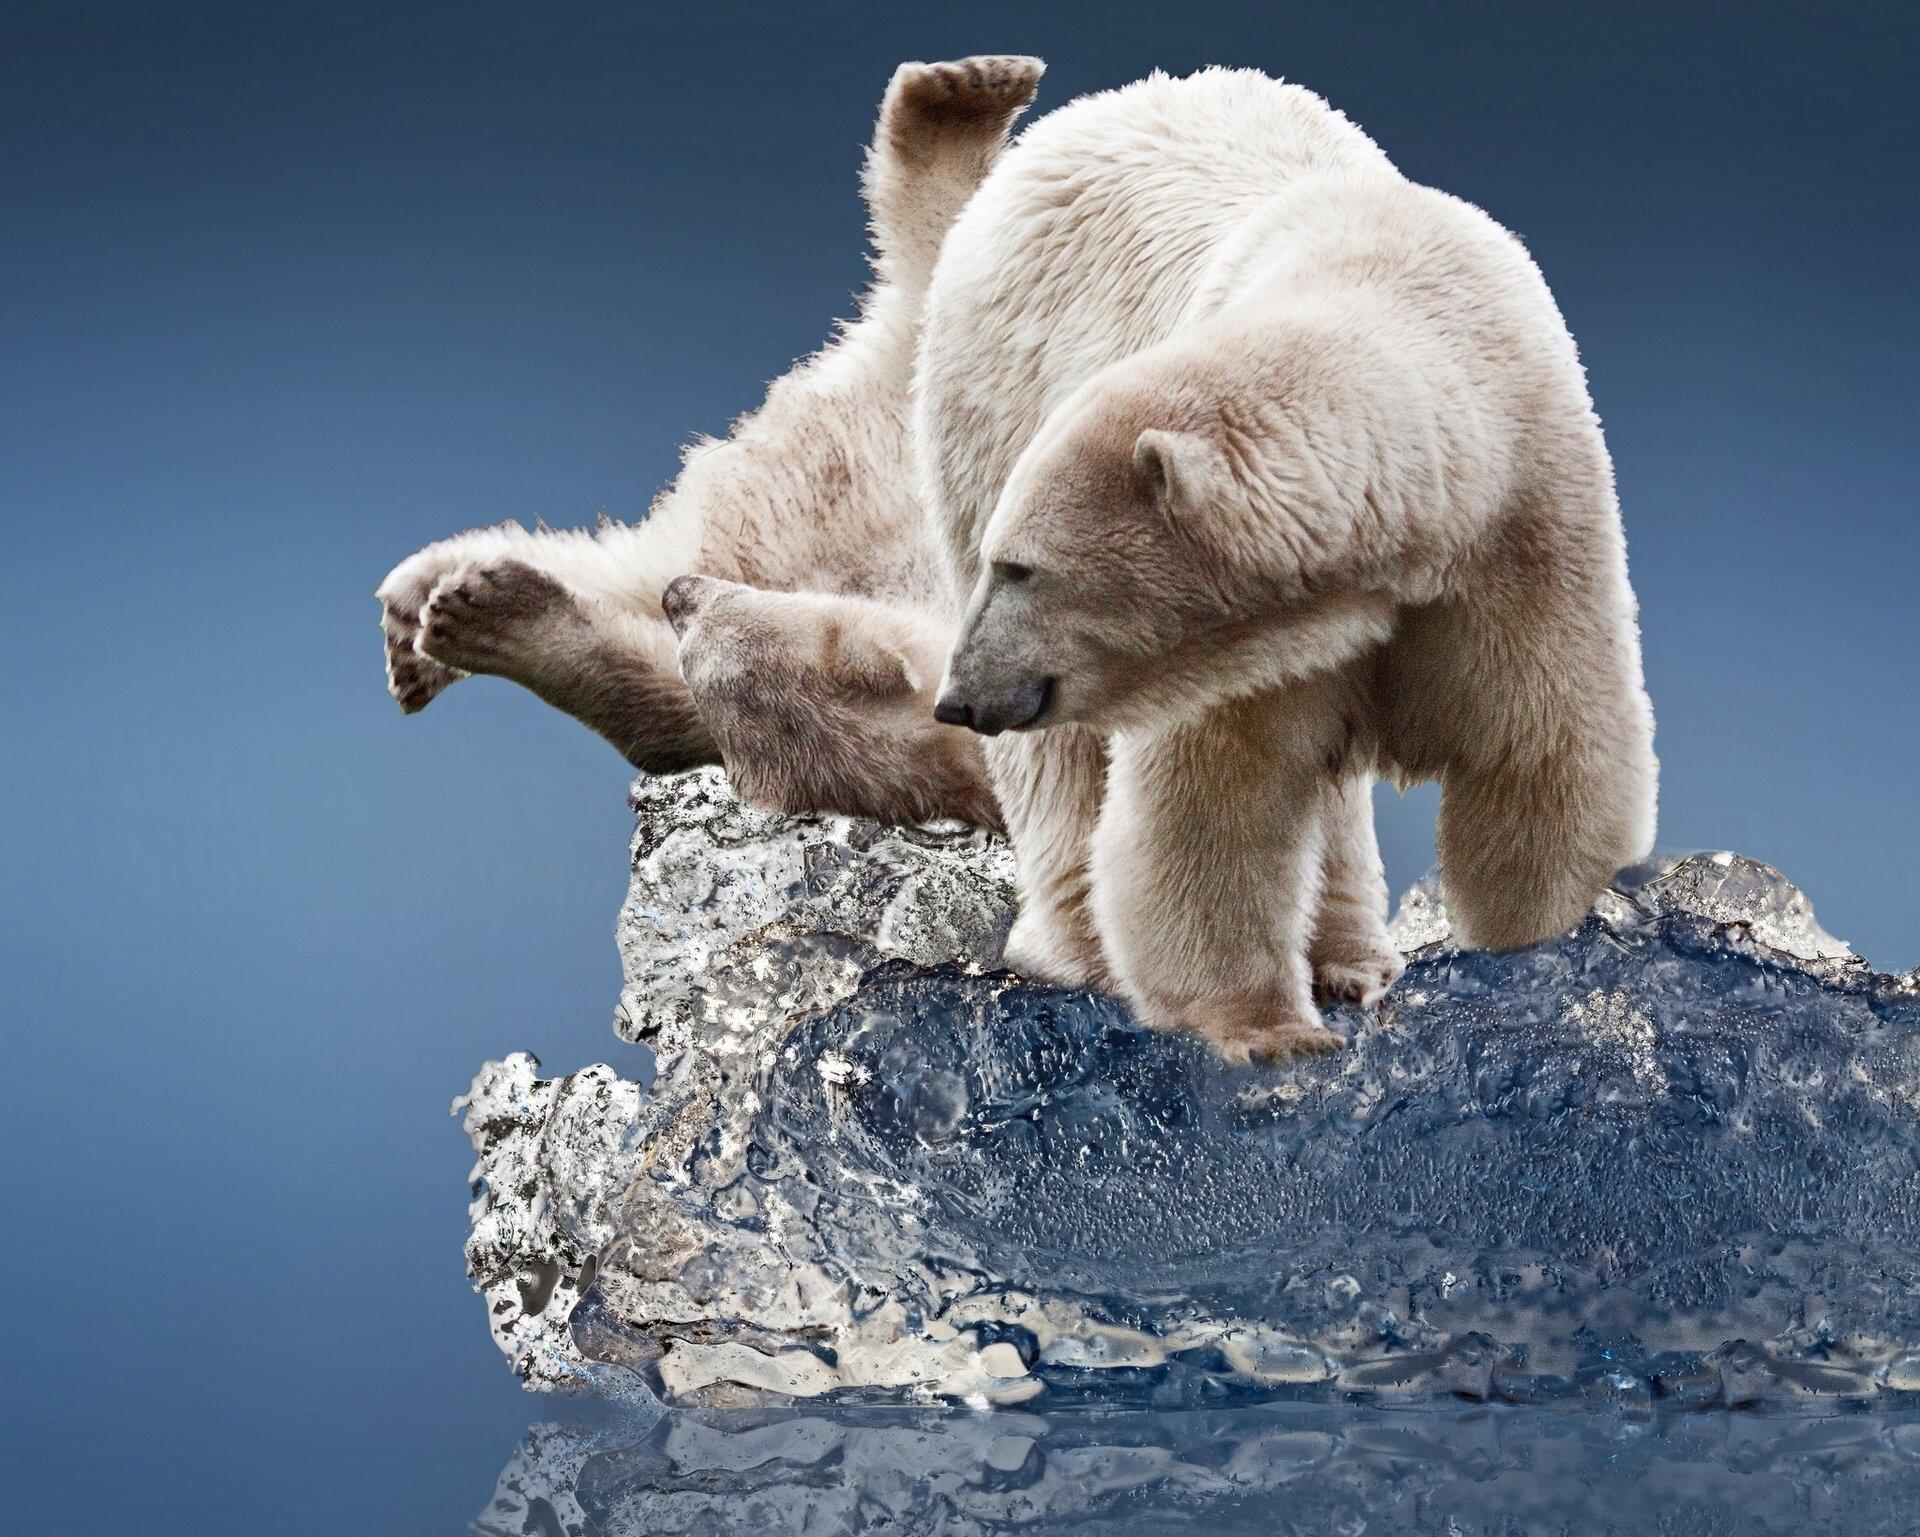 таком положении белый медведь лучшие фото колесом или